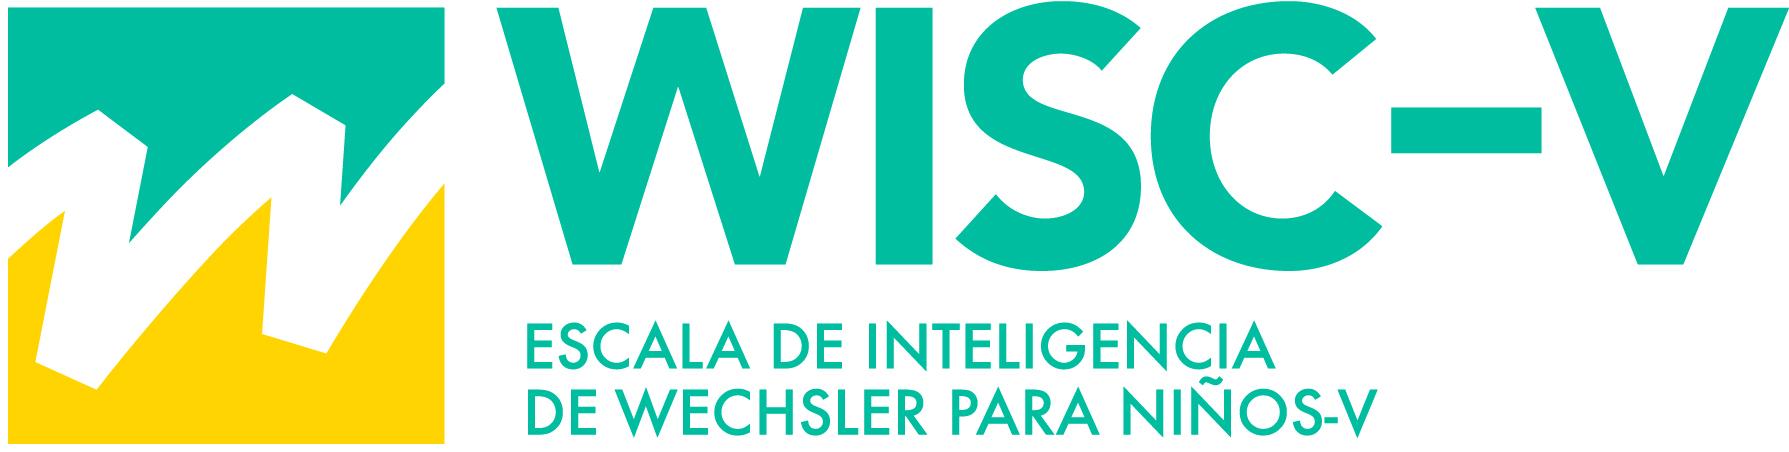 WISCV_Logo_Espa_a_1